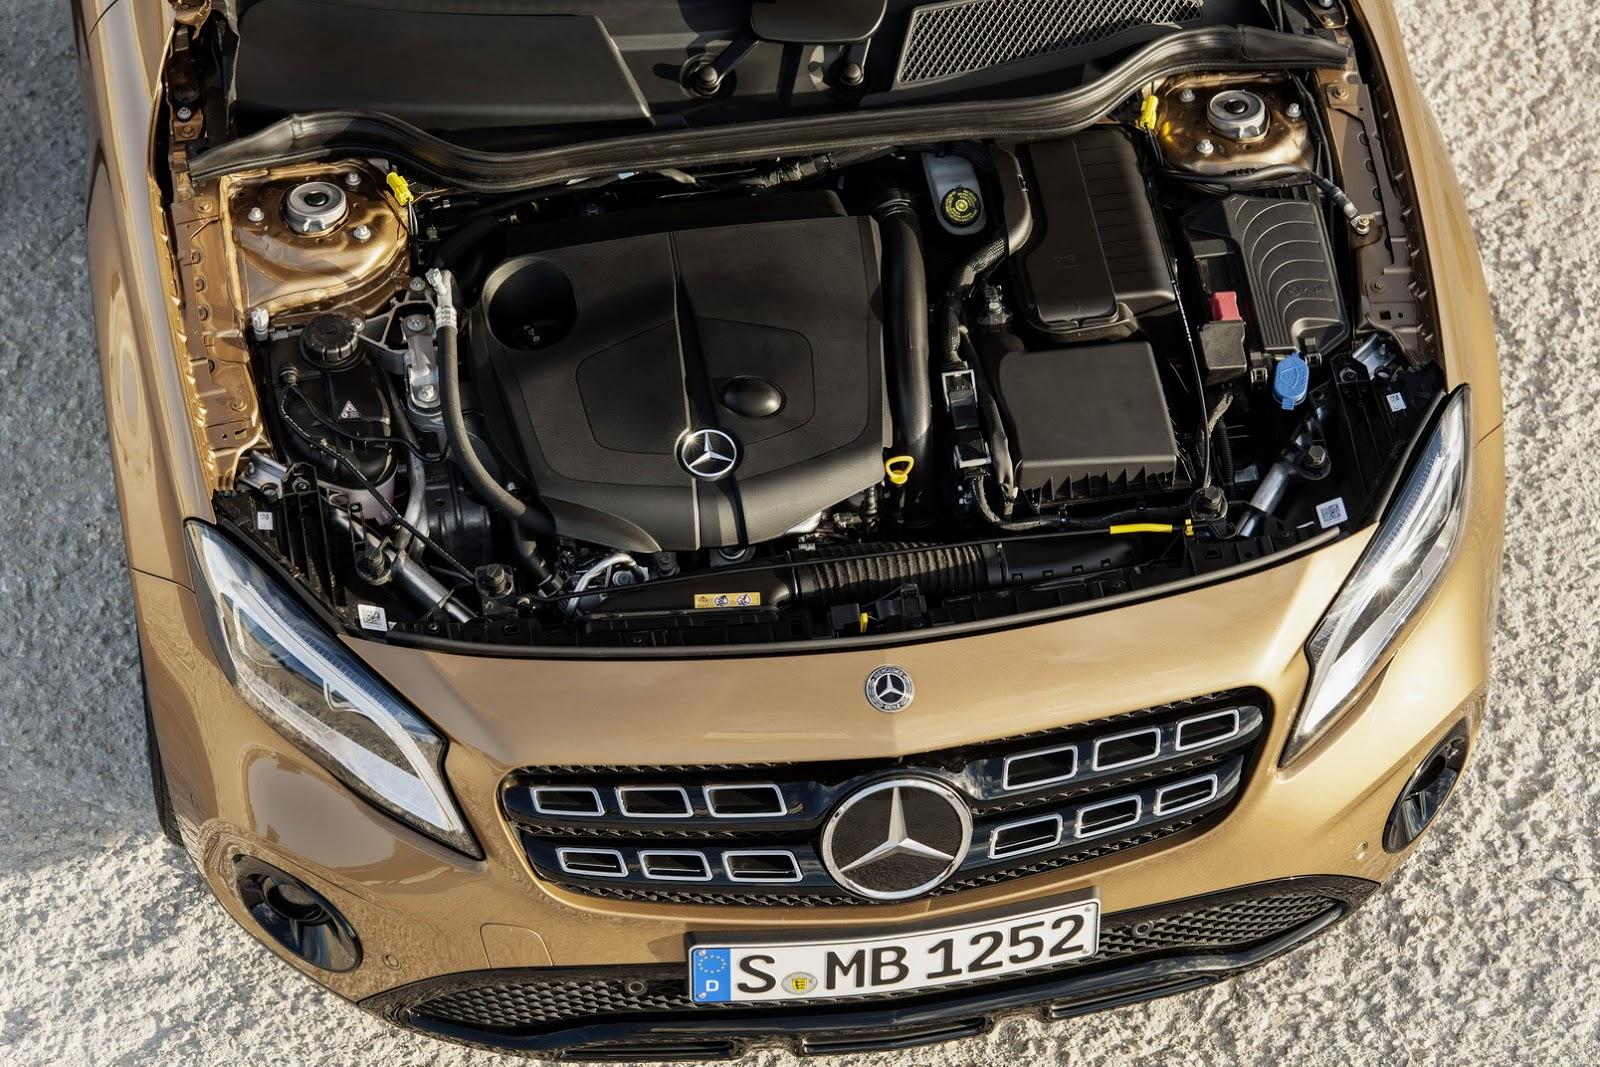 Mercedes GLA facelift and GLA 45 AMG facelift 2017 (49)